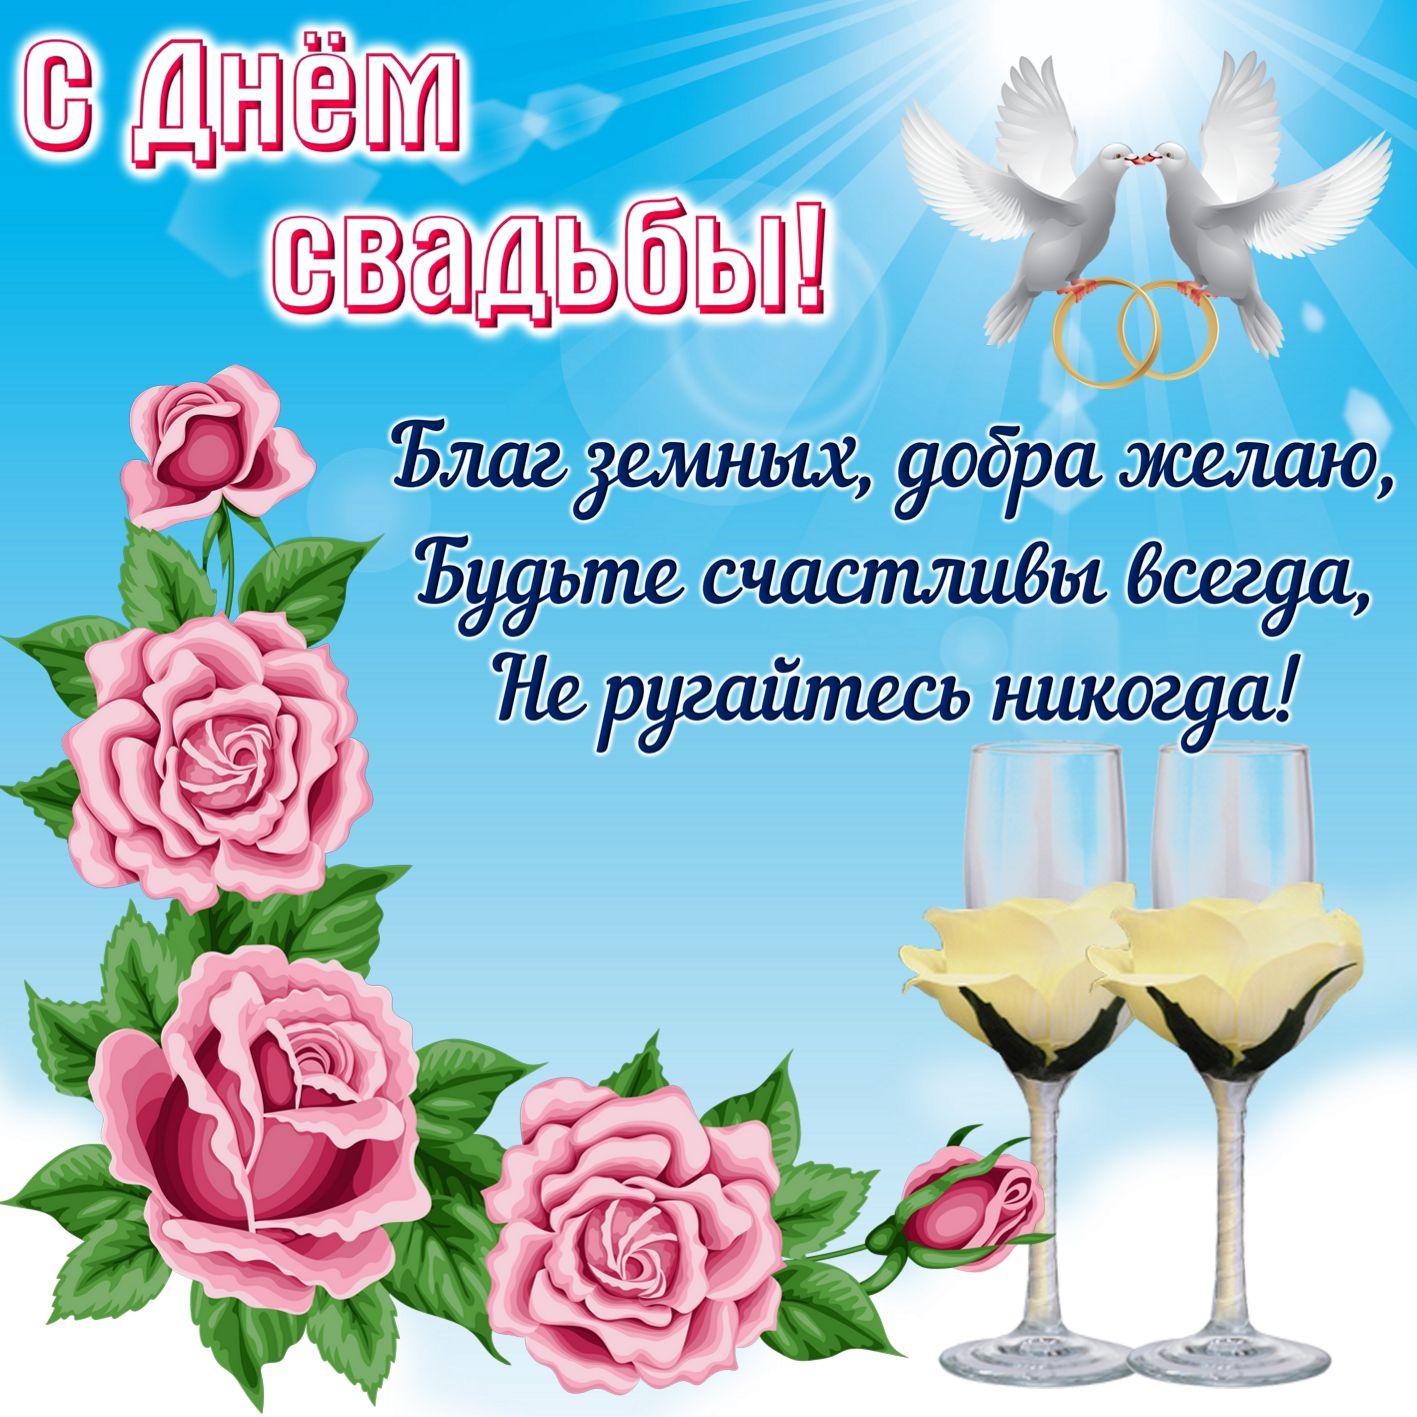 Днем рождения, поздравление с днем свадьбы открытка другу